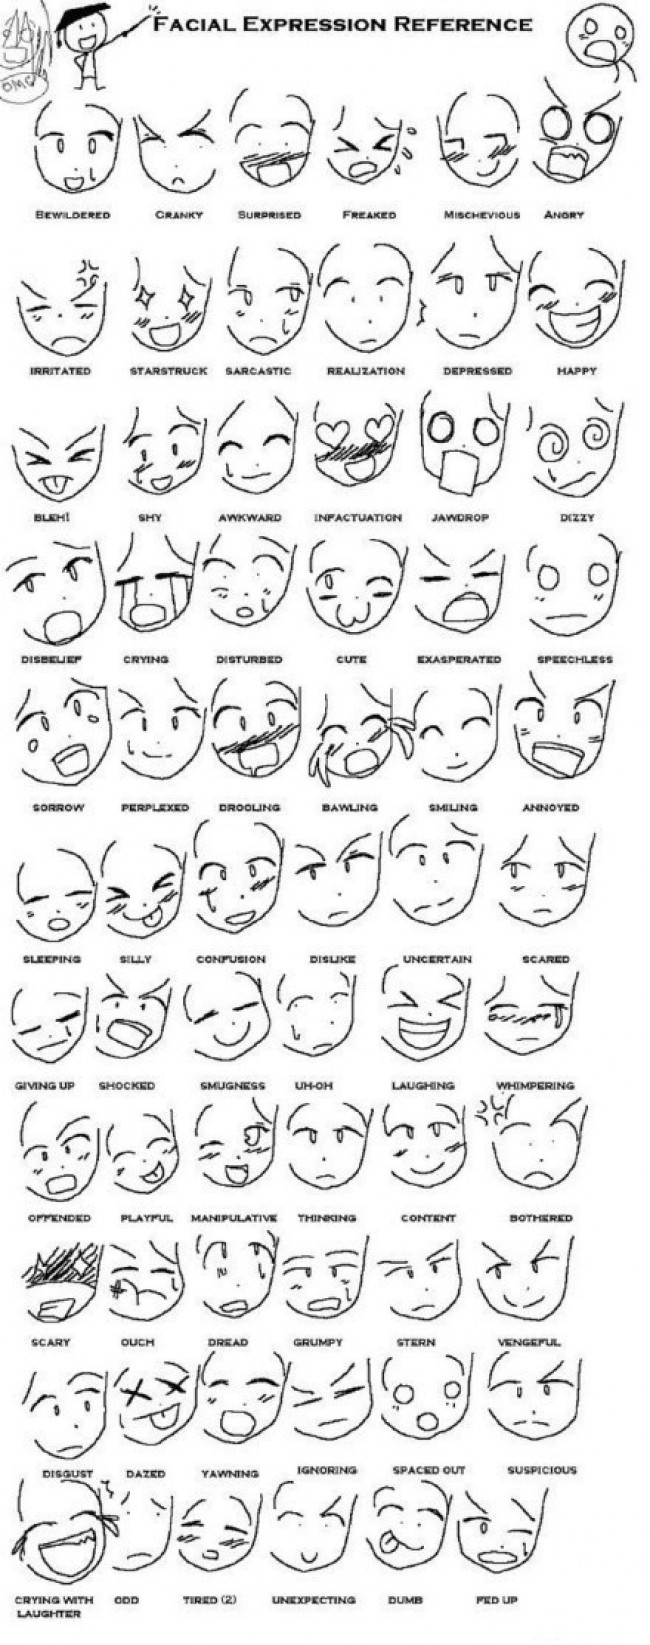 超简单人物表情简笔画大全 几百个简单的人物表情集合 简单表情卡通画_www.youyix.com